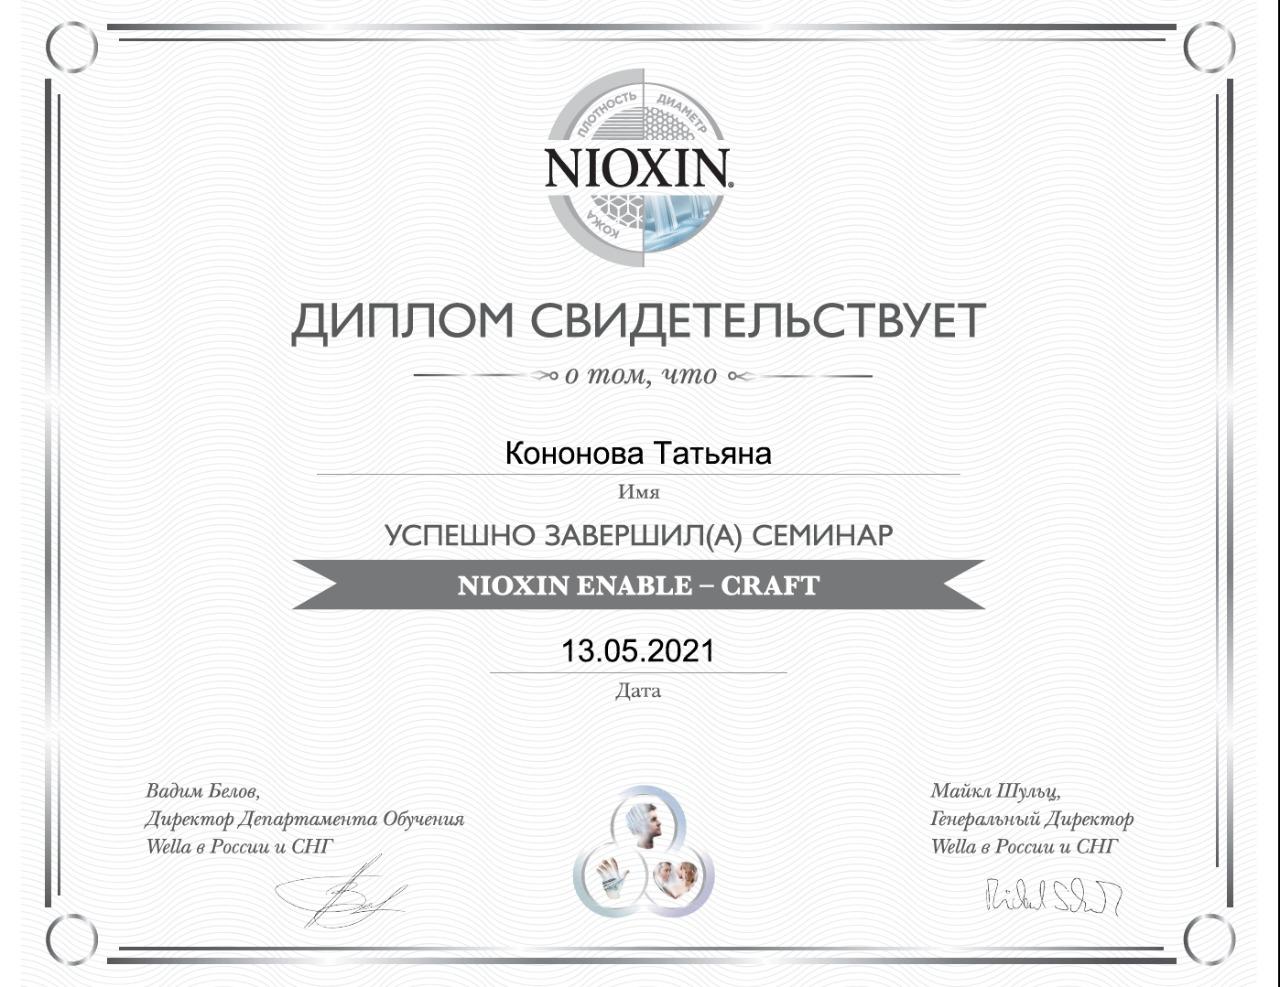 2021, семинар NIOXIN ENABLE - CRAFT